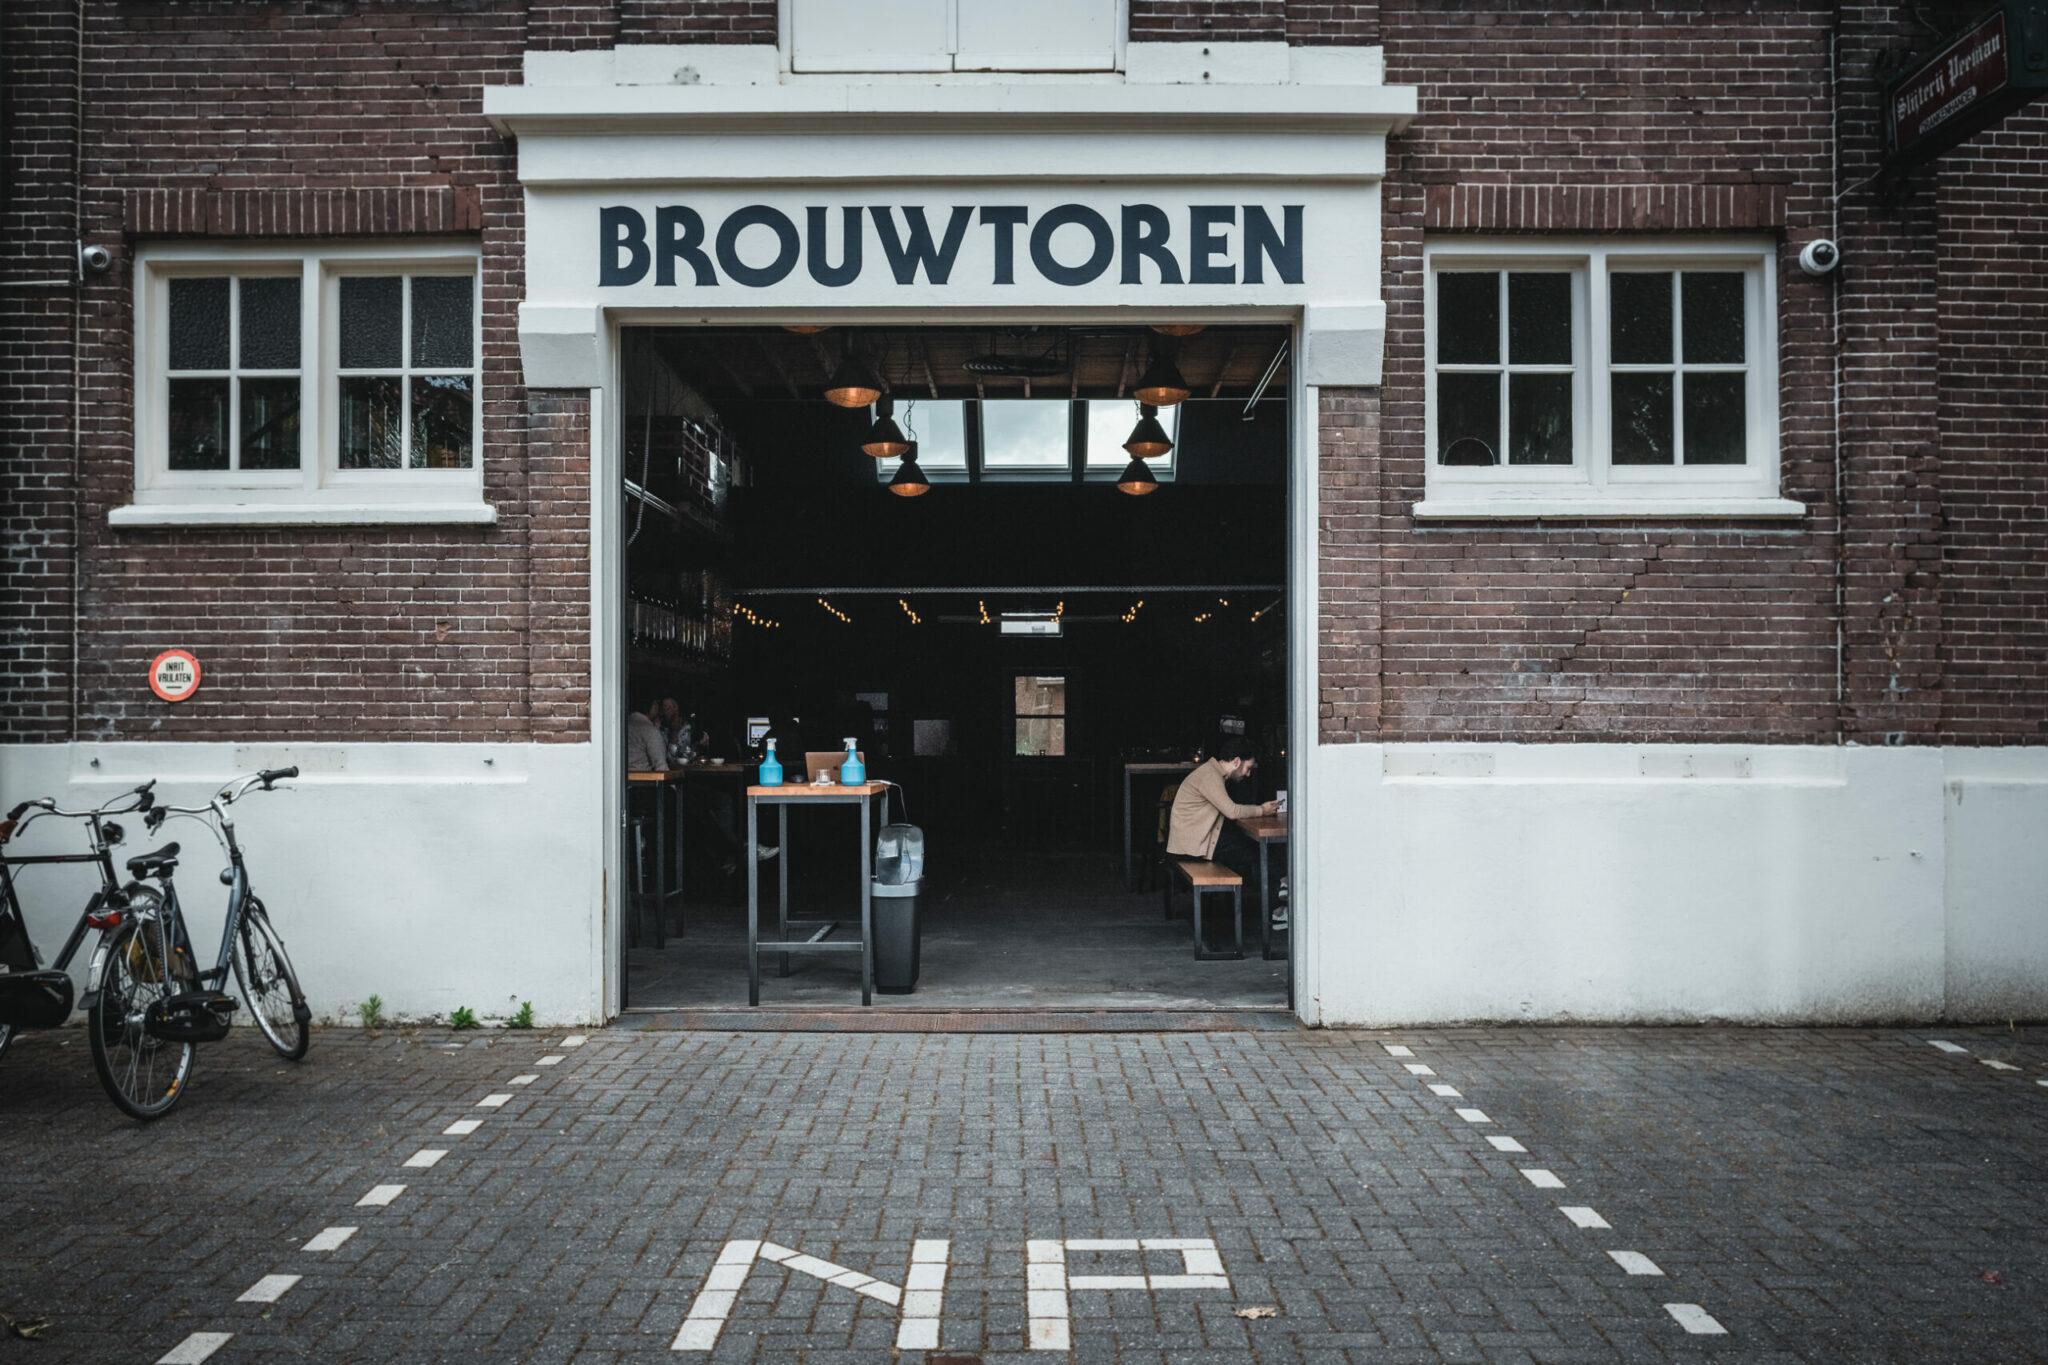 Brouwtoren in Nijmegen